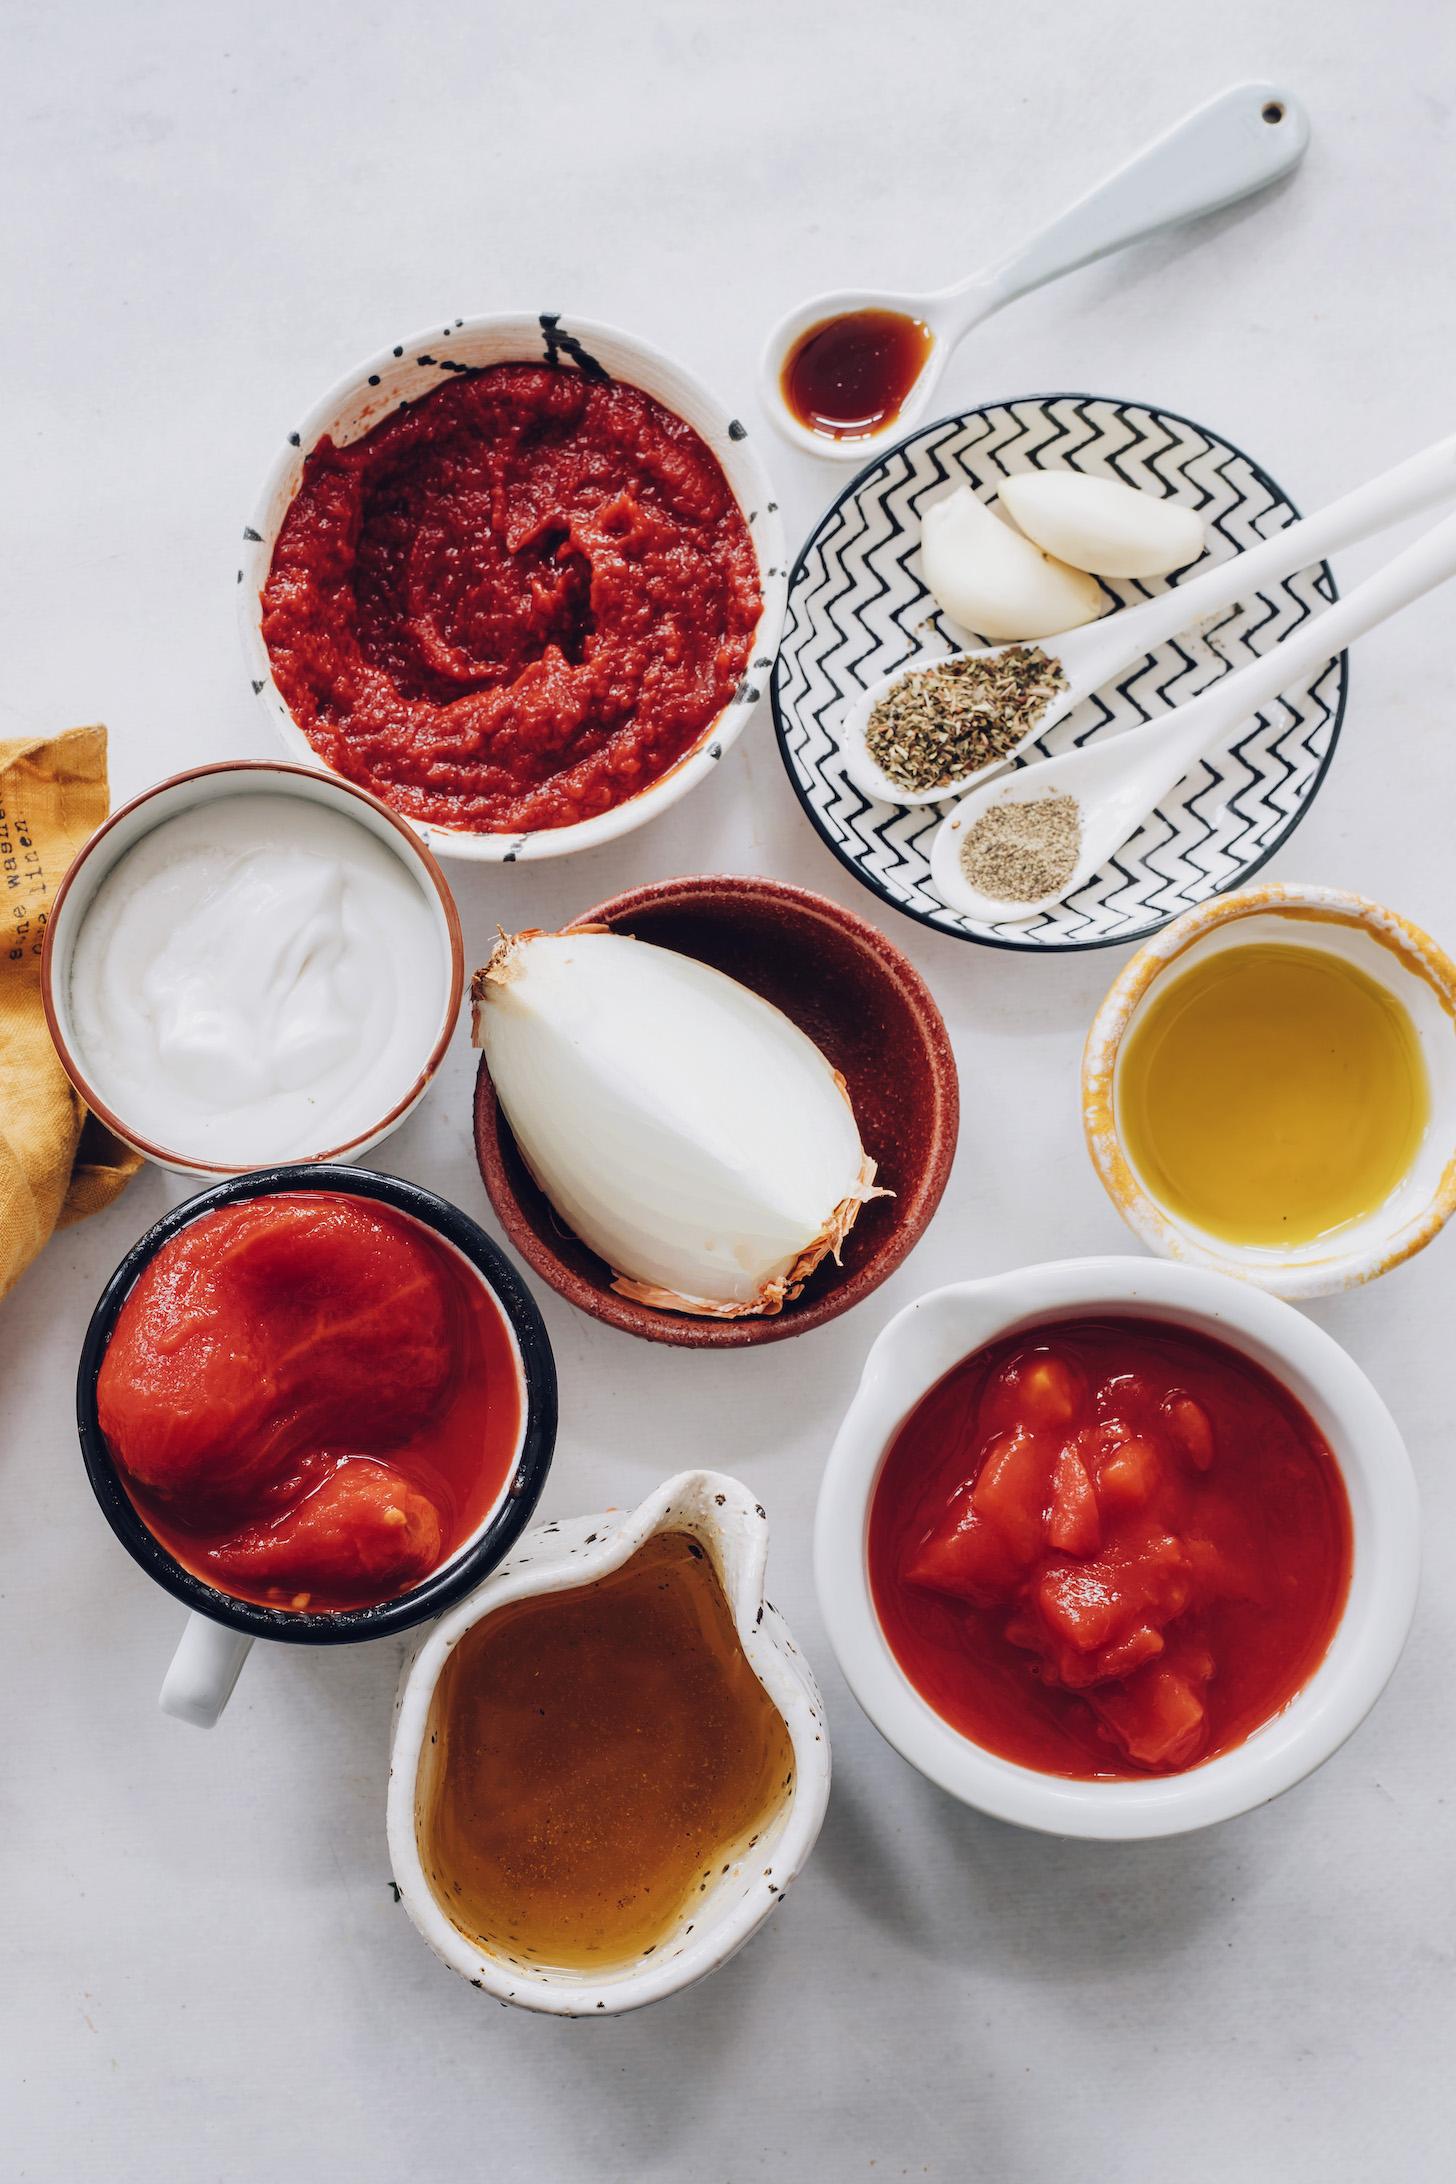 Sebze suyu, domates, zeytinyağı, soğan, hindistan cevizi sütü, salça, tuz, biber, fesleğen, sarımsak ve akçaağaç şurubu